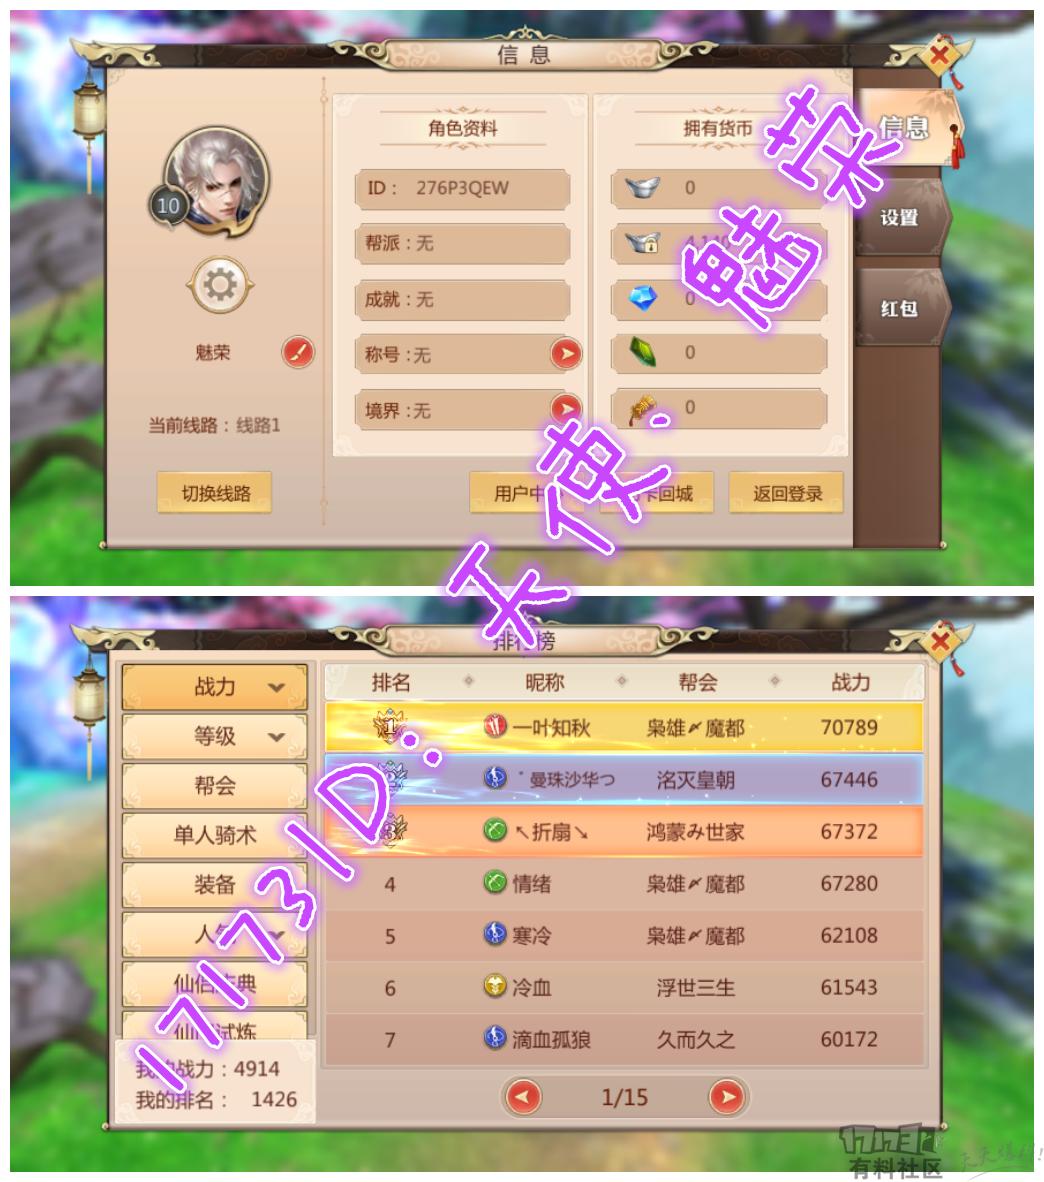 蜀门手游_副本173.png